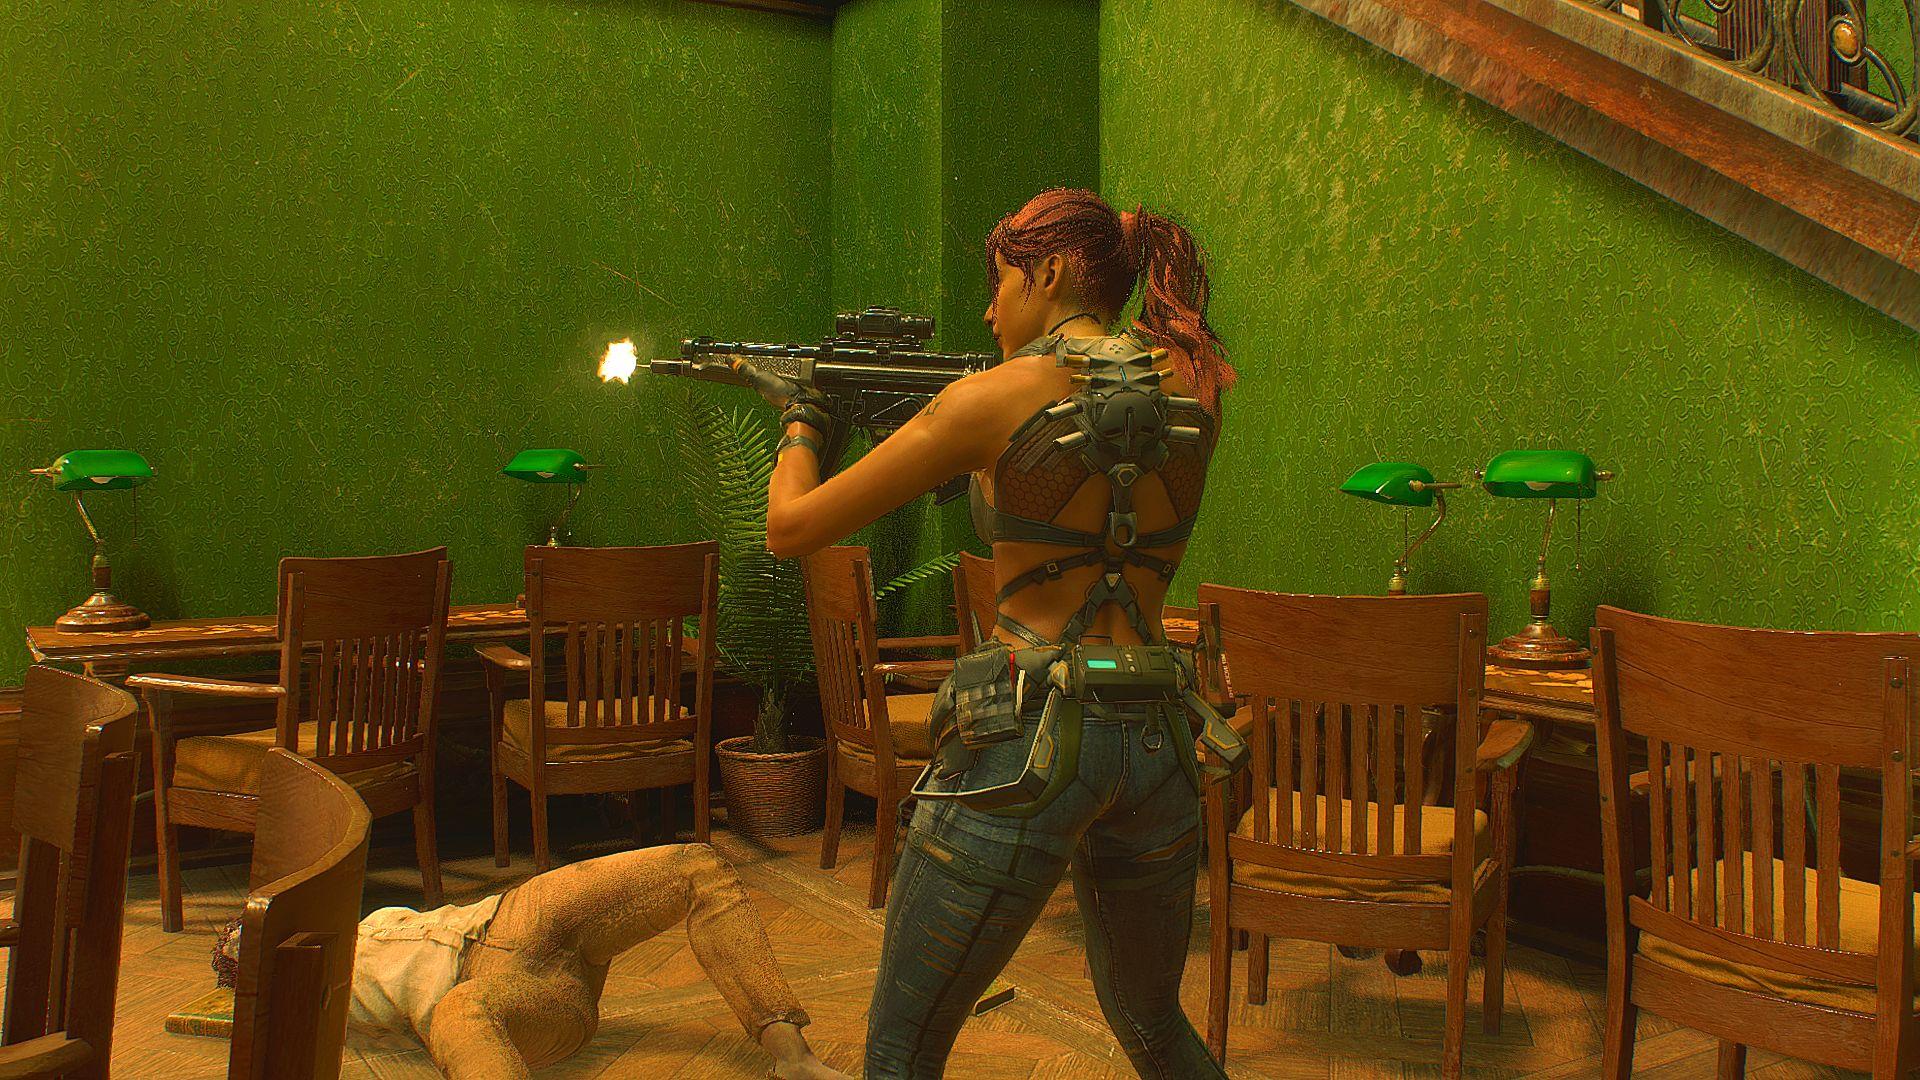 000172.Jpg - Resident Evil 2